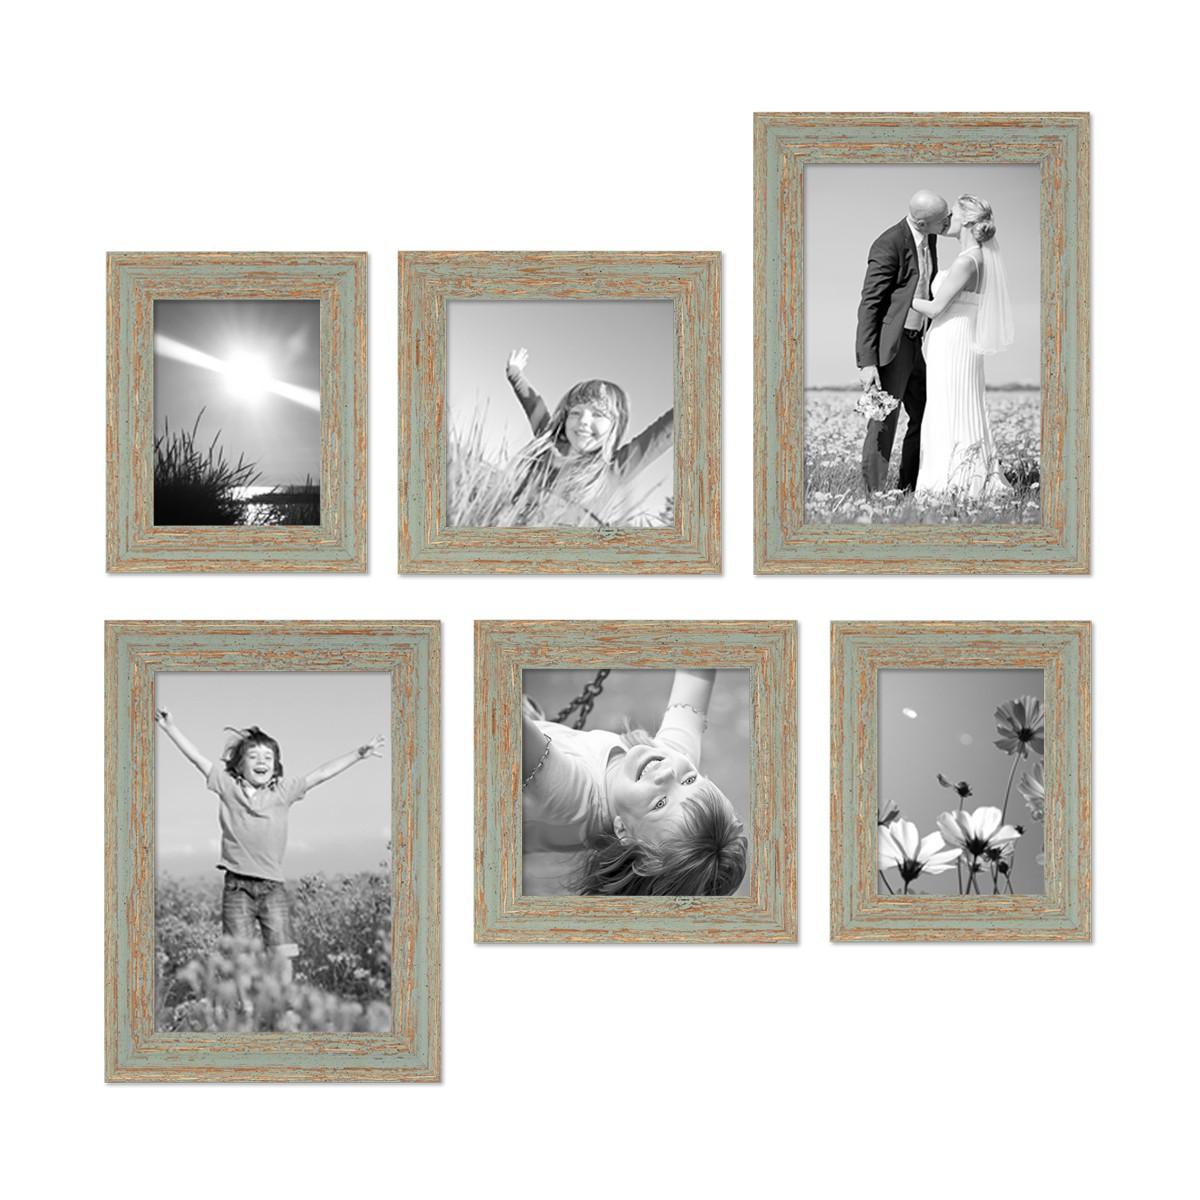 6er set bilderrahmen grau gr n shabby chic vintage 15x20. Black Bedroom Furniture Sets. Home Design Ideas